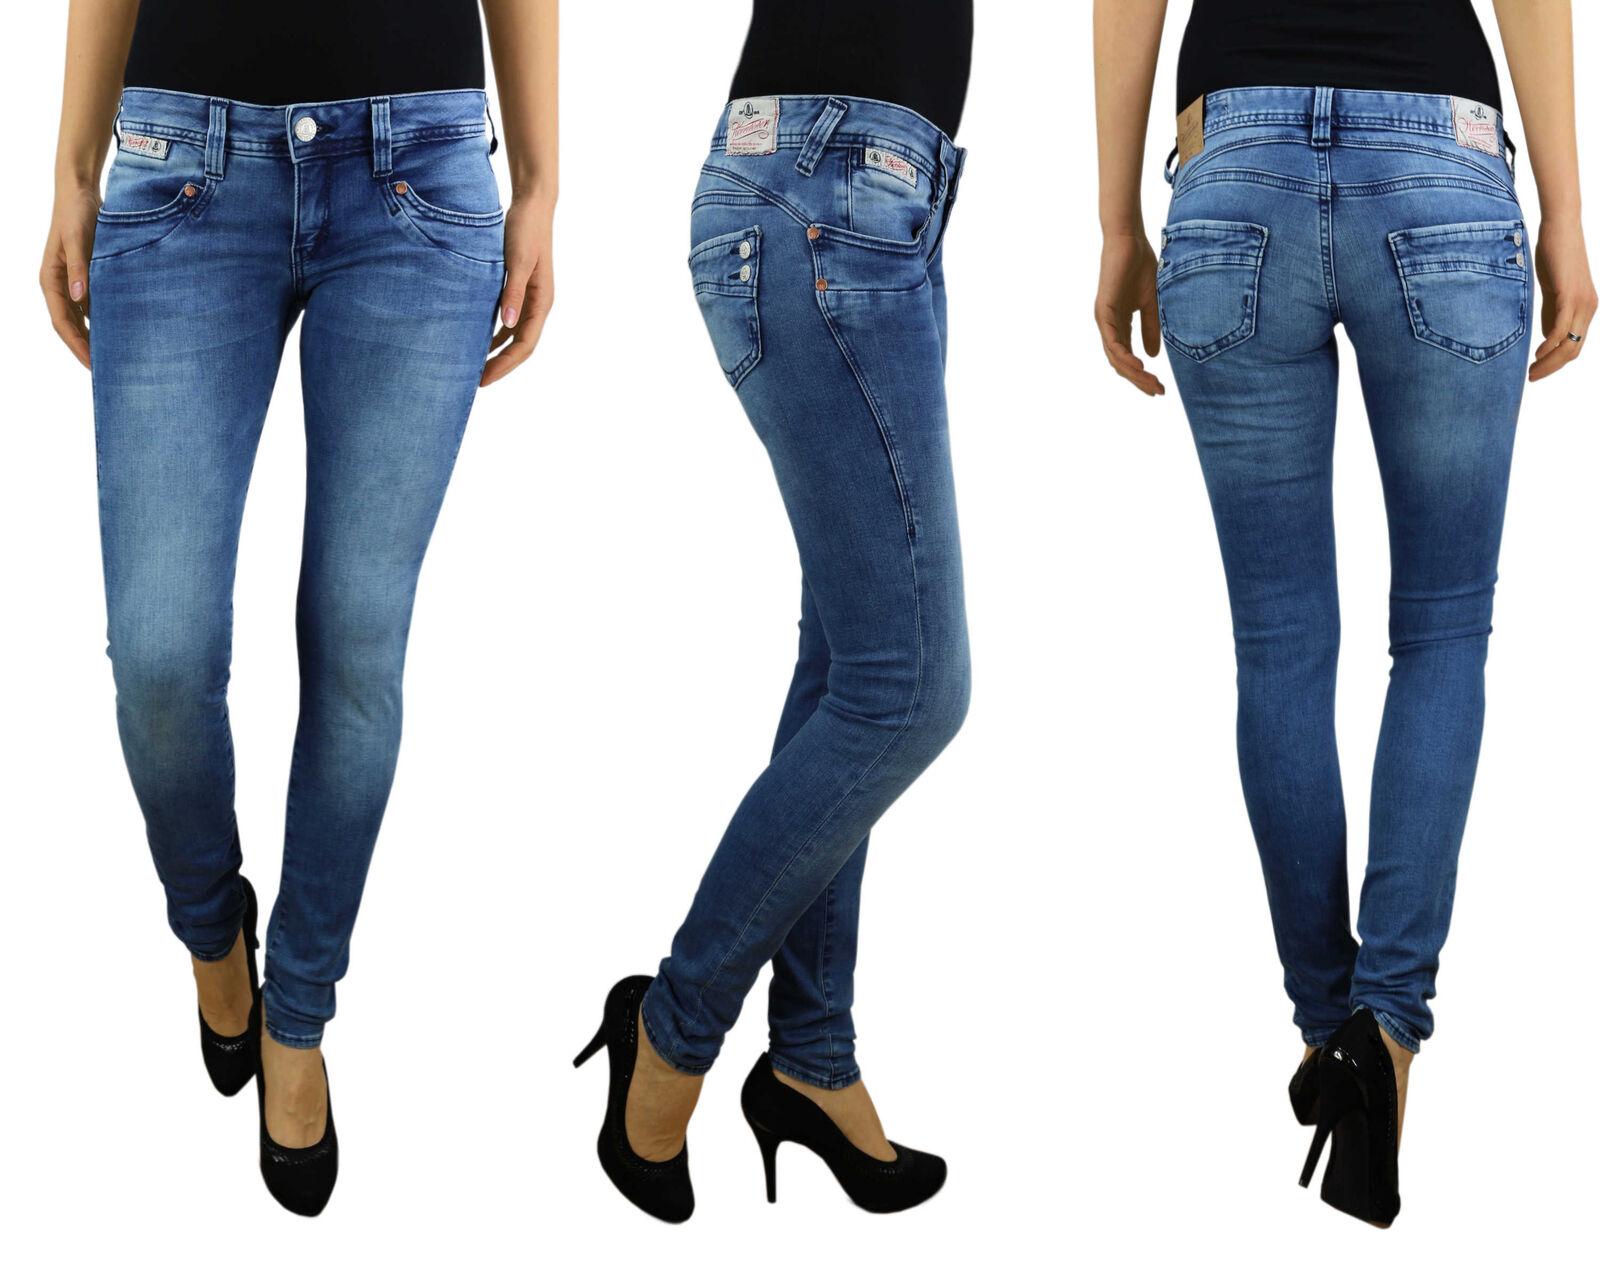 HERRLICHER Damen Jeans PIPER SLIM 5650 D9668 724 pearl river Denim Powerstretch